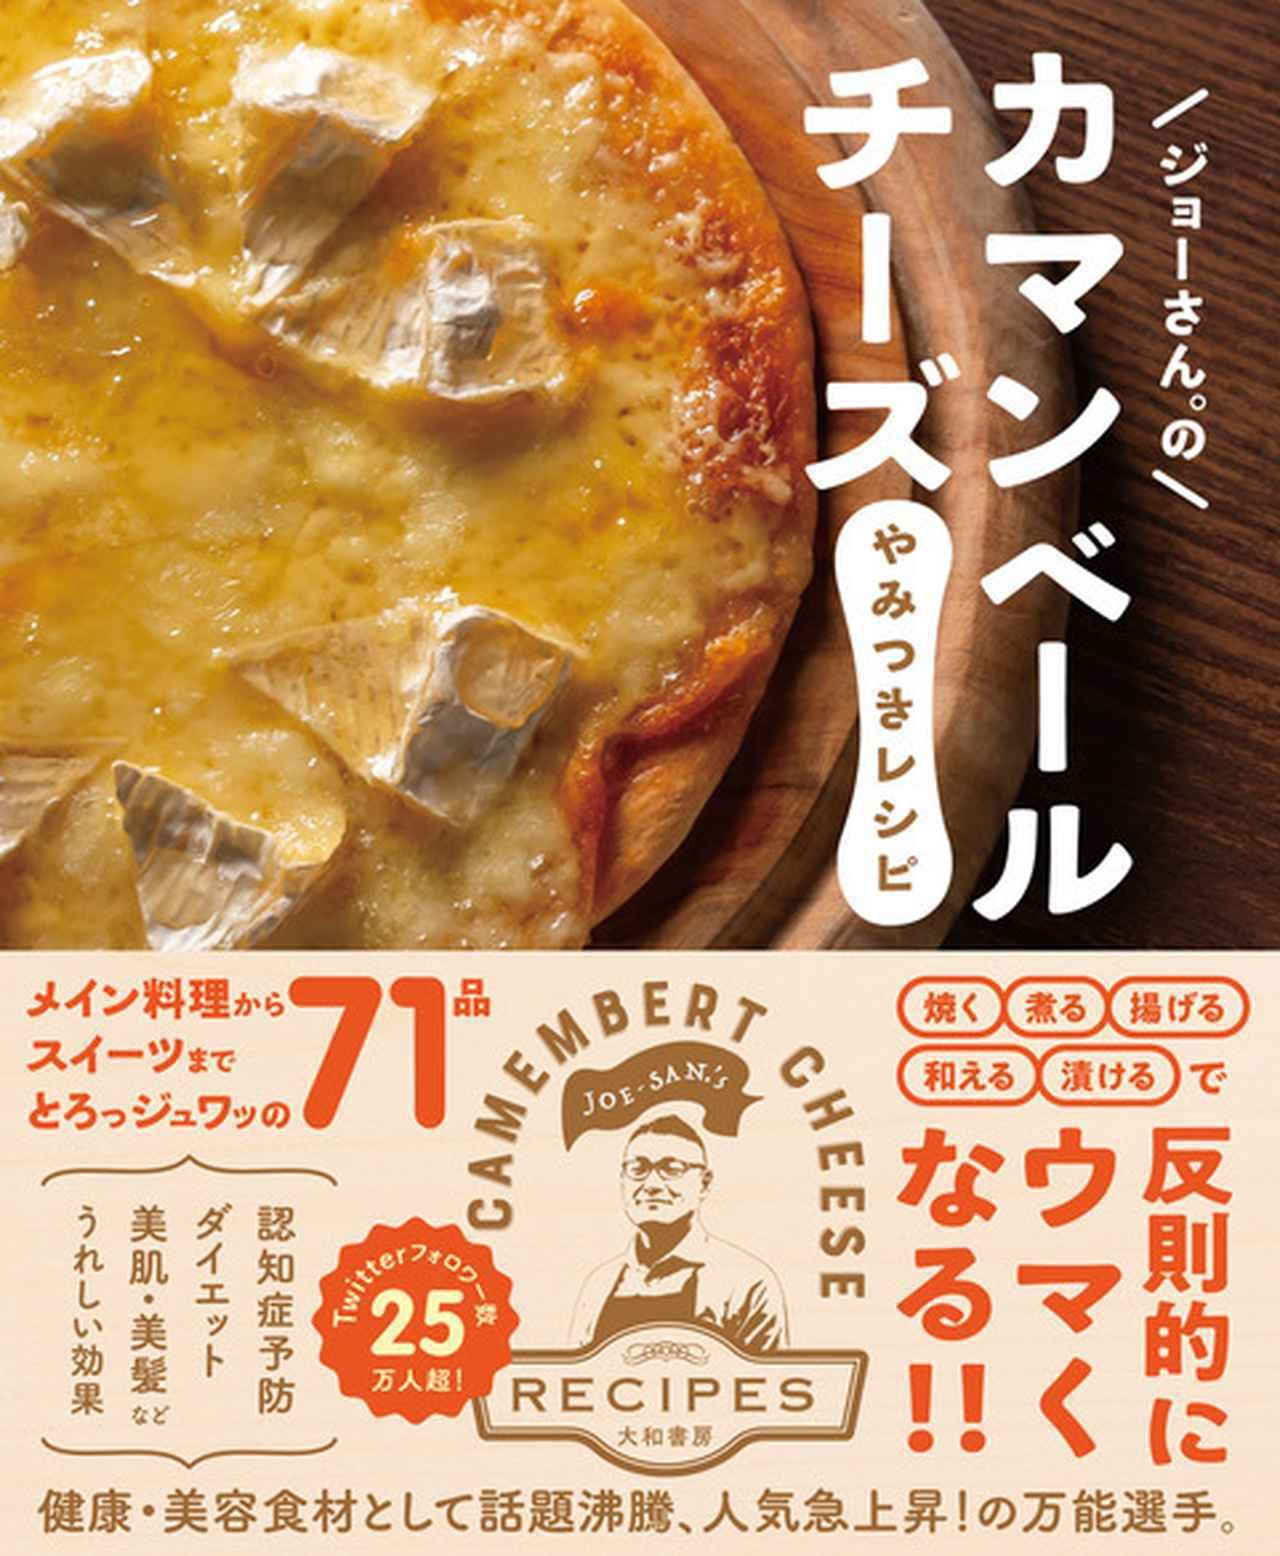 画像: 『ジョーさん。のカマンベールチーズやみつきレシピ』〜WK Library お勧めブックガイド〜